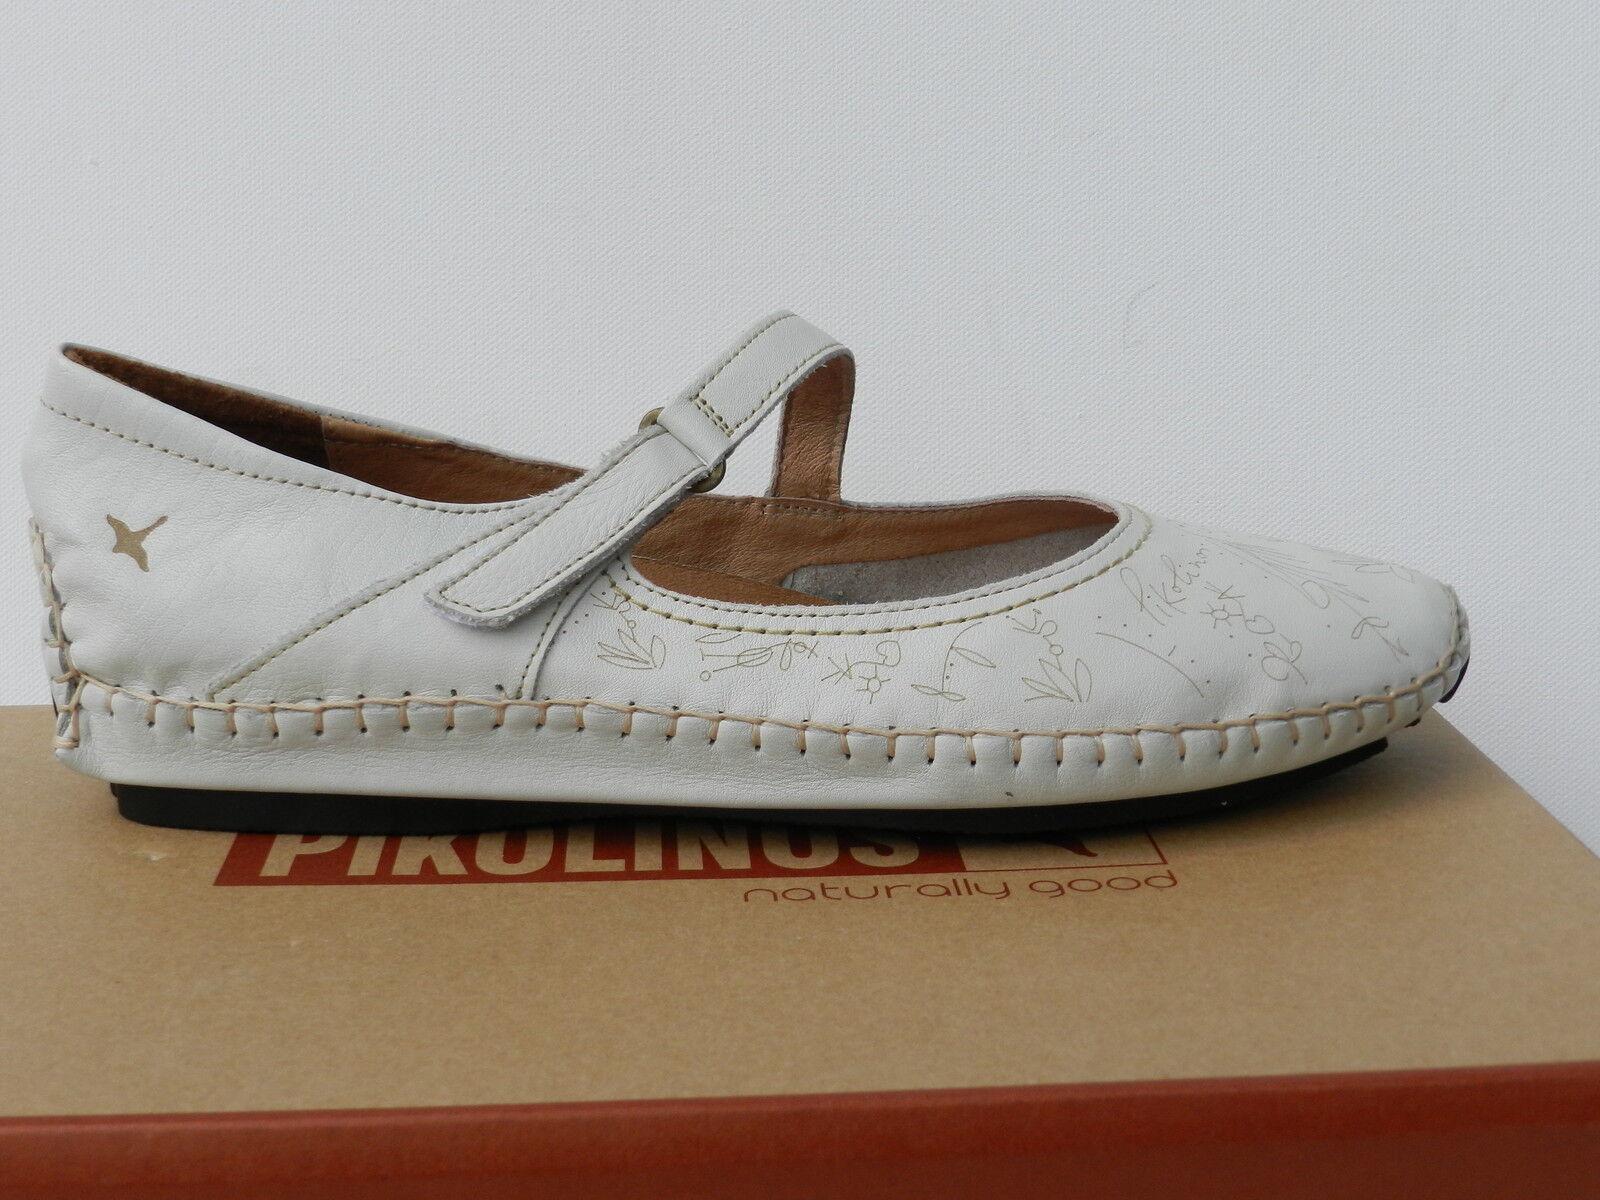 Pikolinos Jerez shoes Femme 39 Ballerines 578 Sandales Mary Jane UK6 Neuf